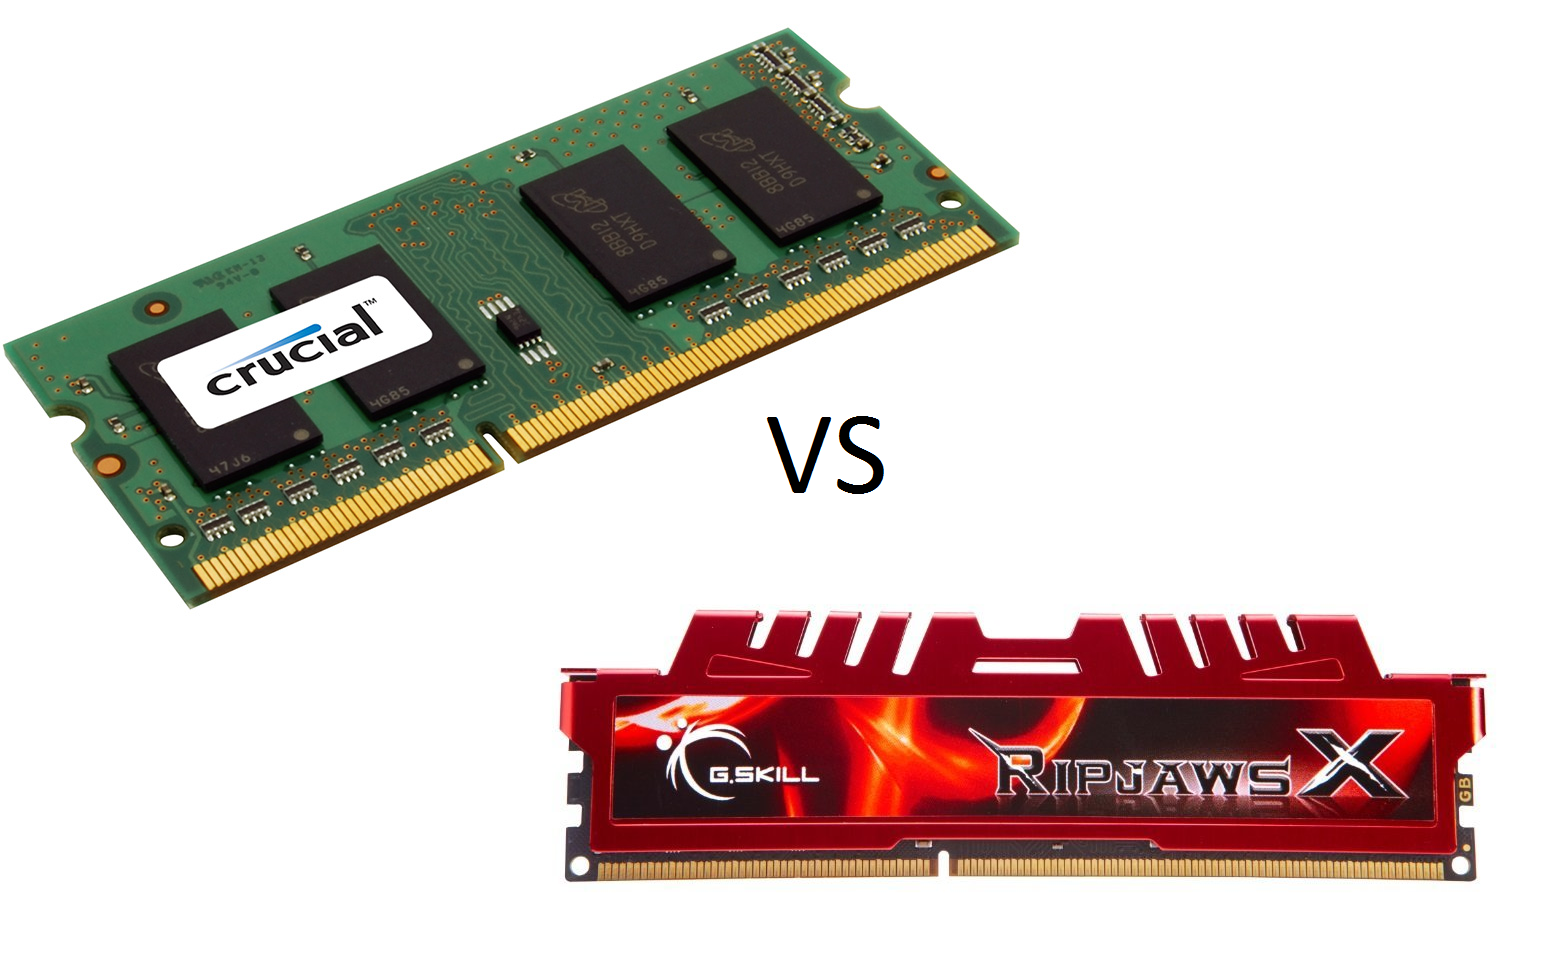 Memorias RAM basicas vs de alto desempenio